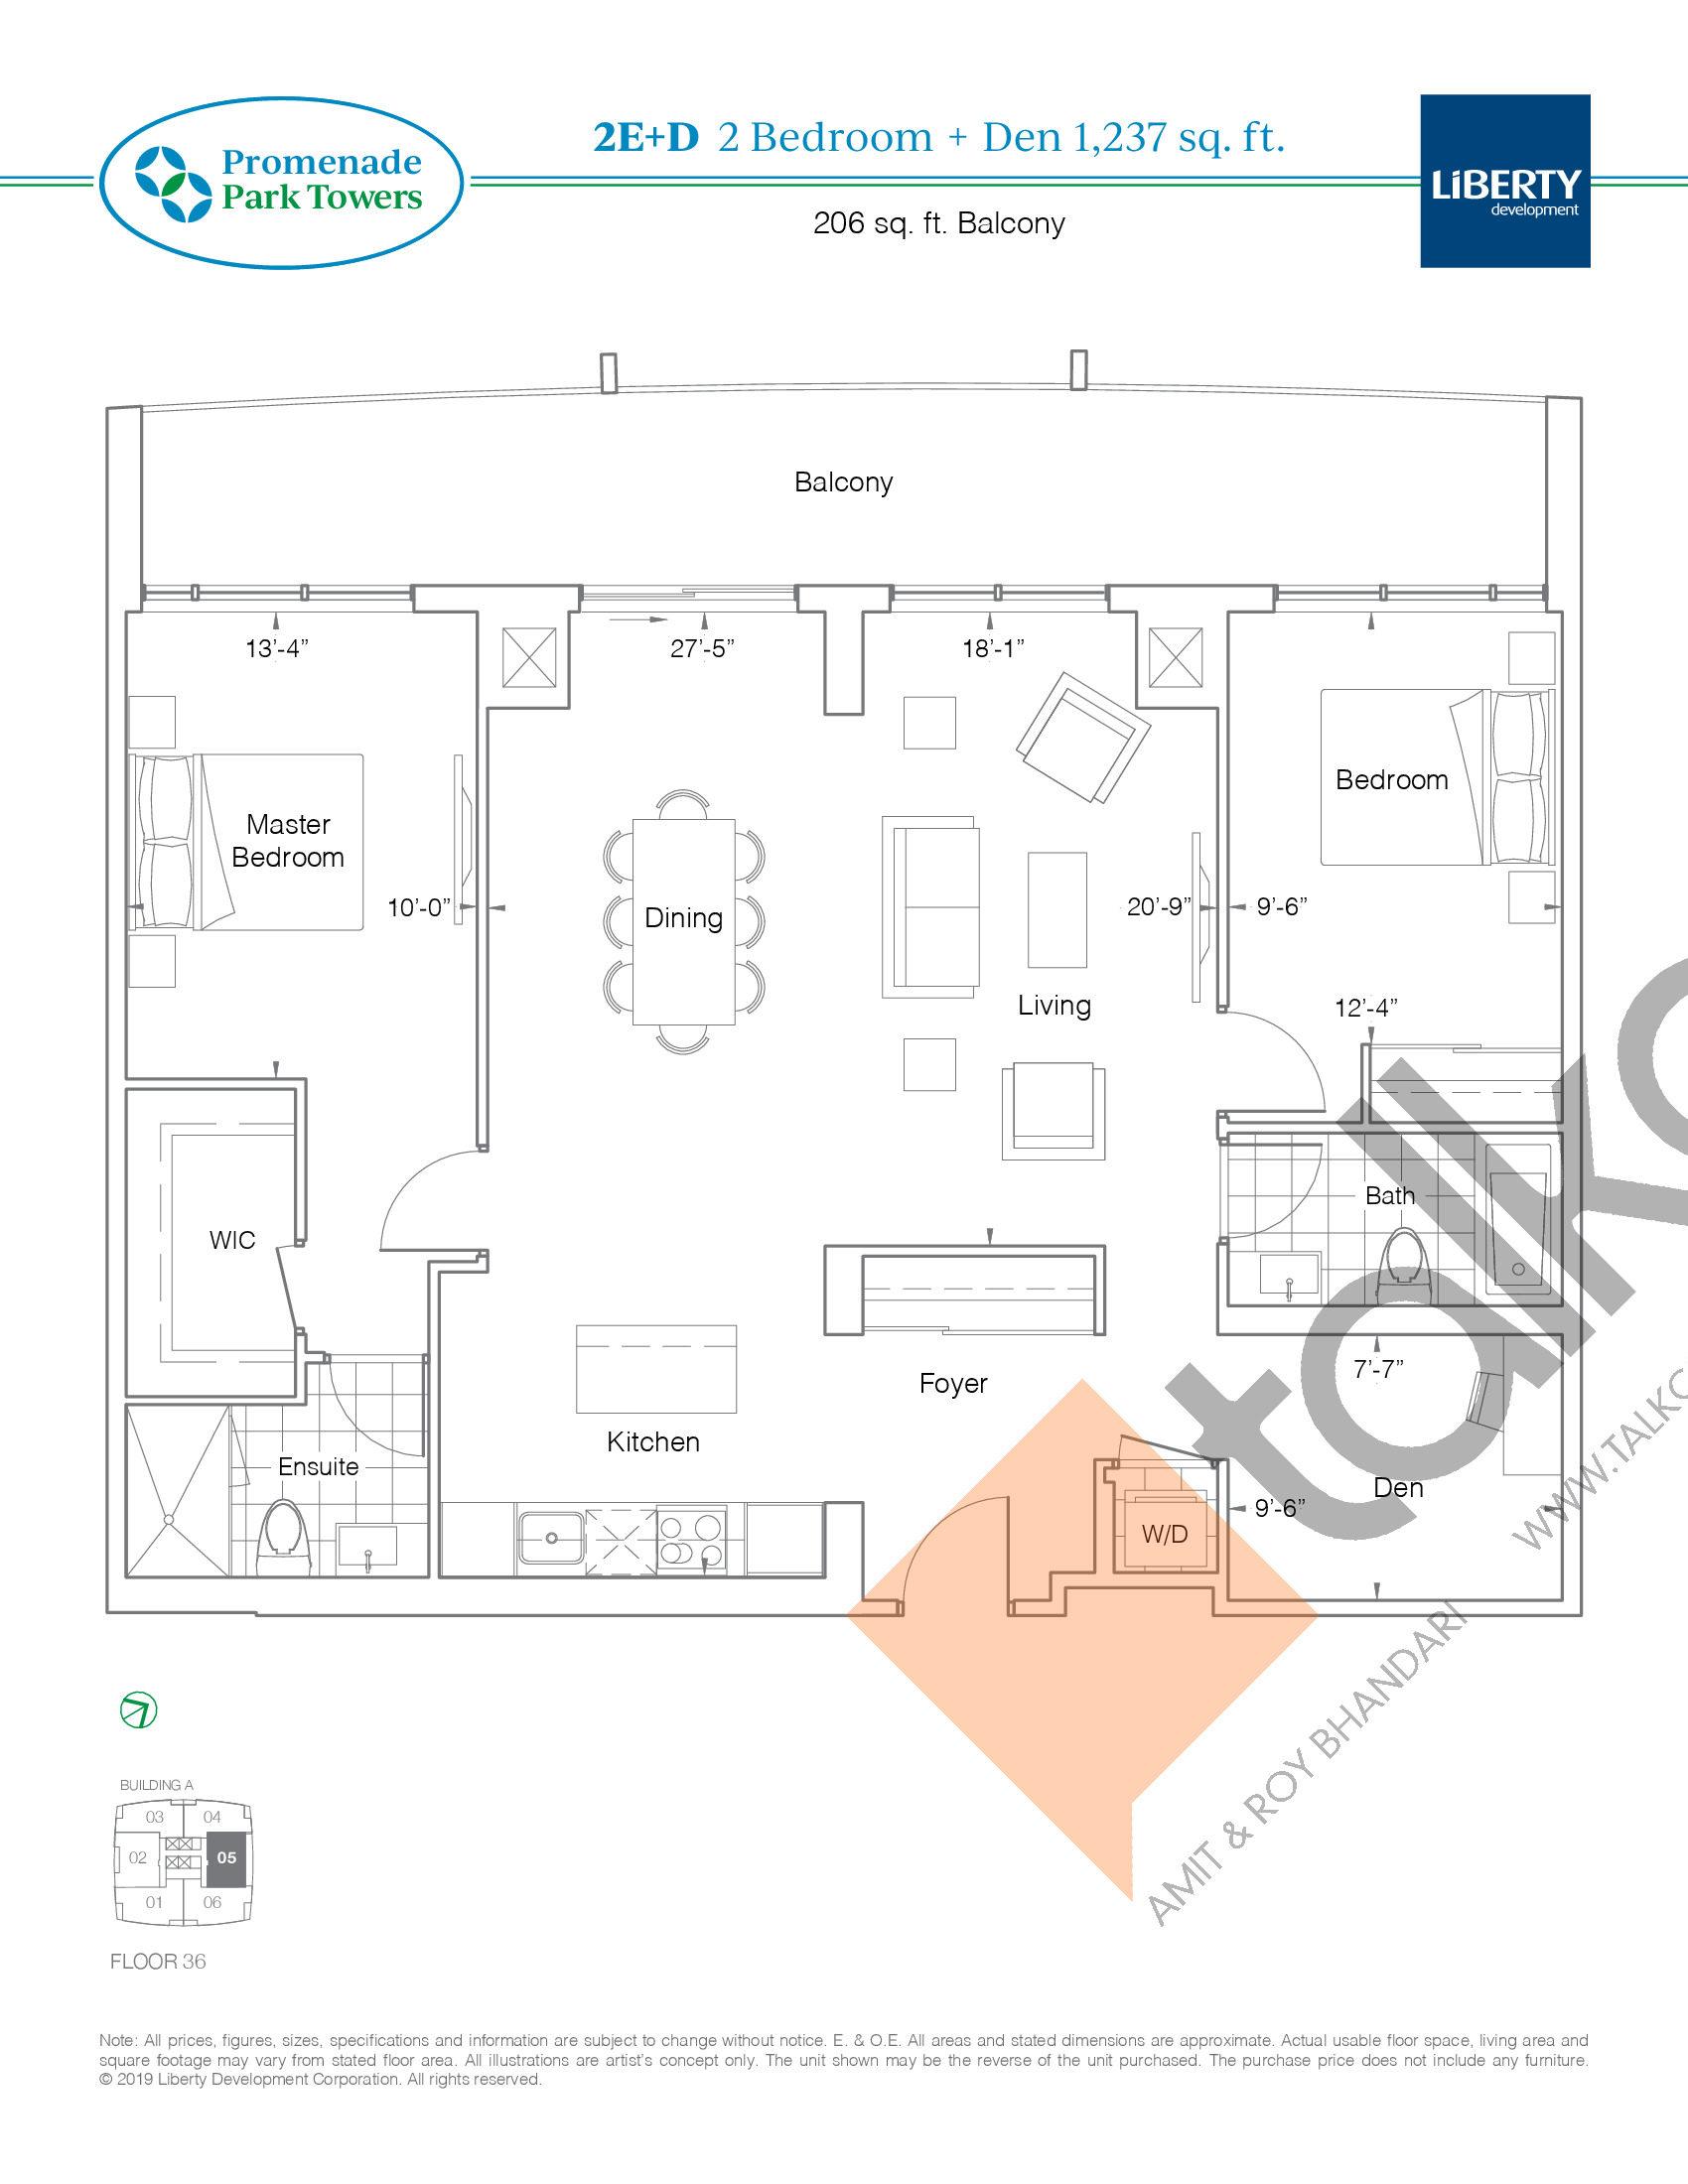 2E+D Floor Plan at Promenade Park Towers Condos - 1237 sq.ft